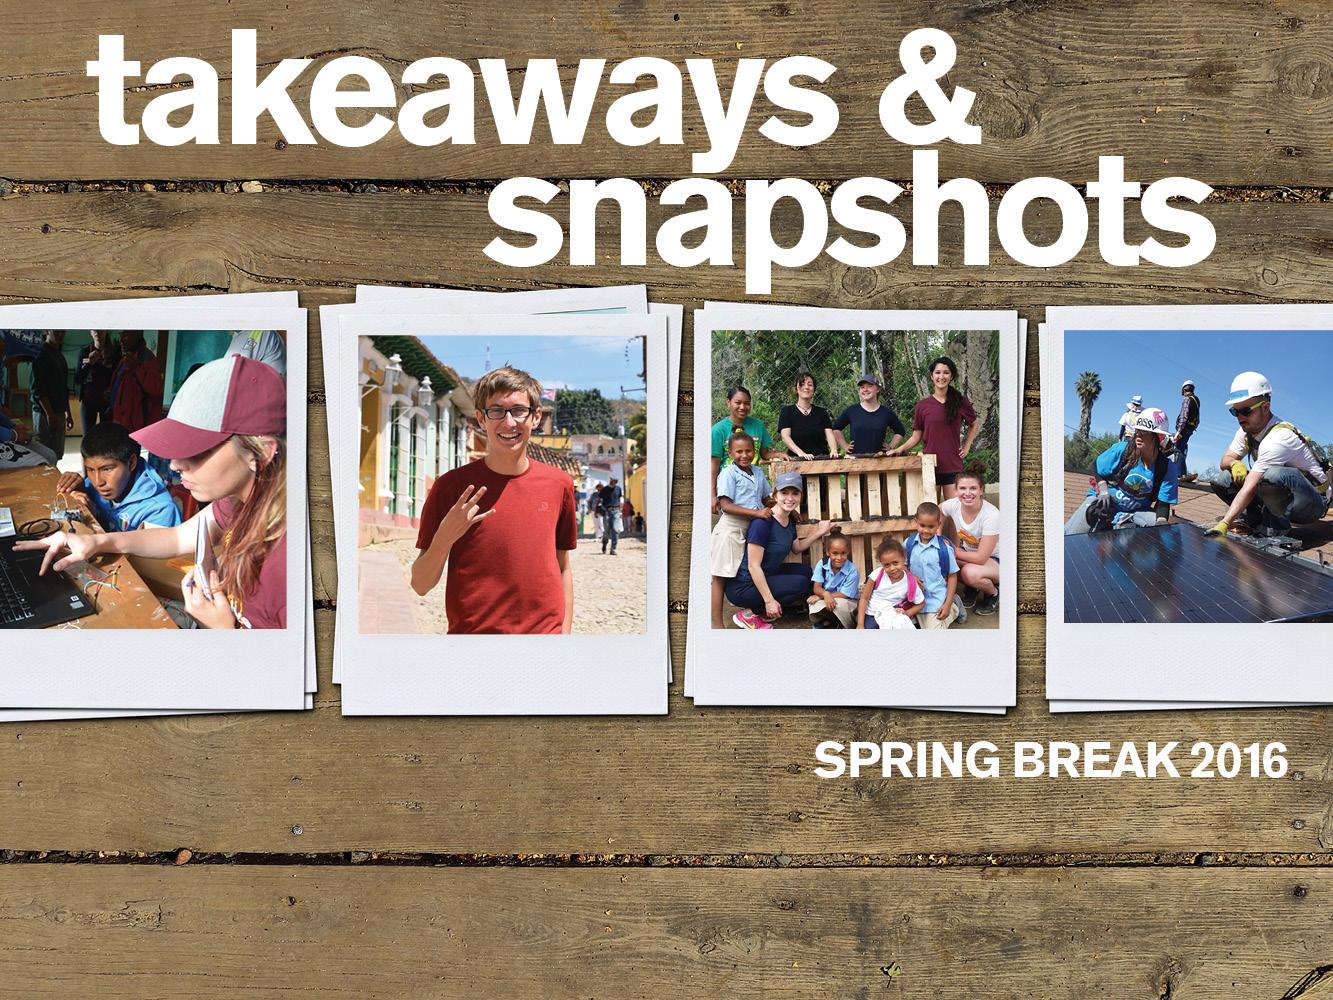 Engineering takeaways and global snapshots from spring break